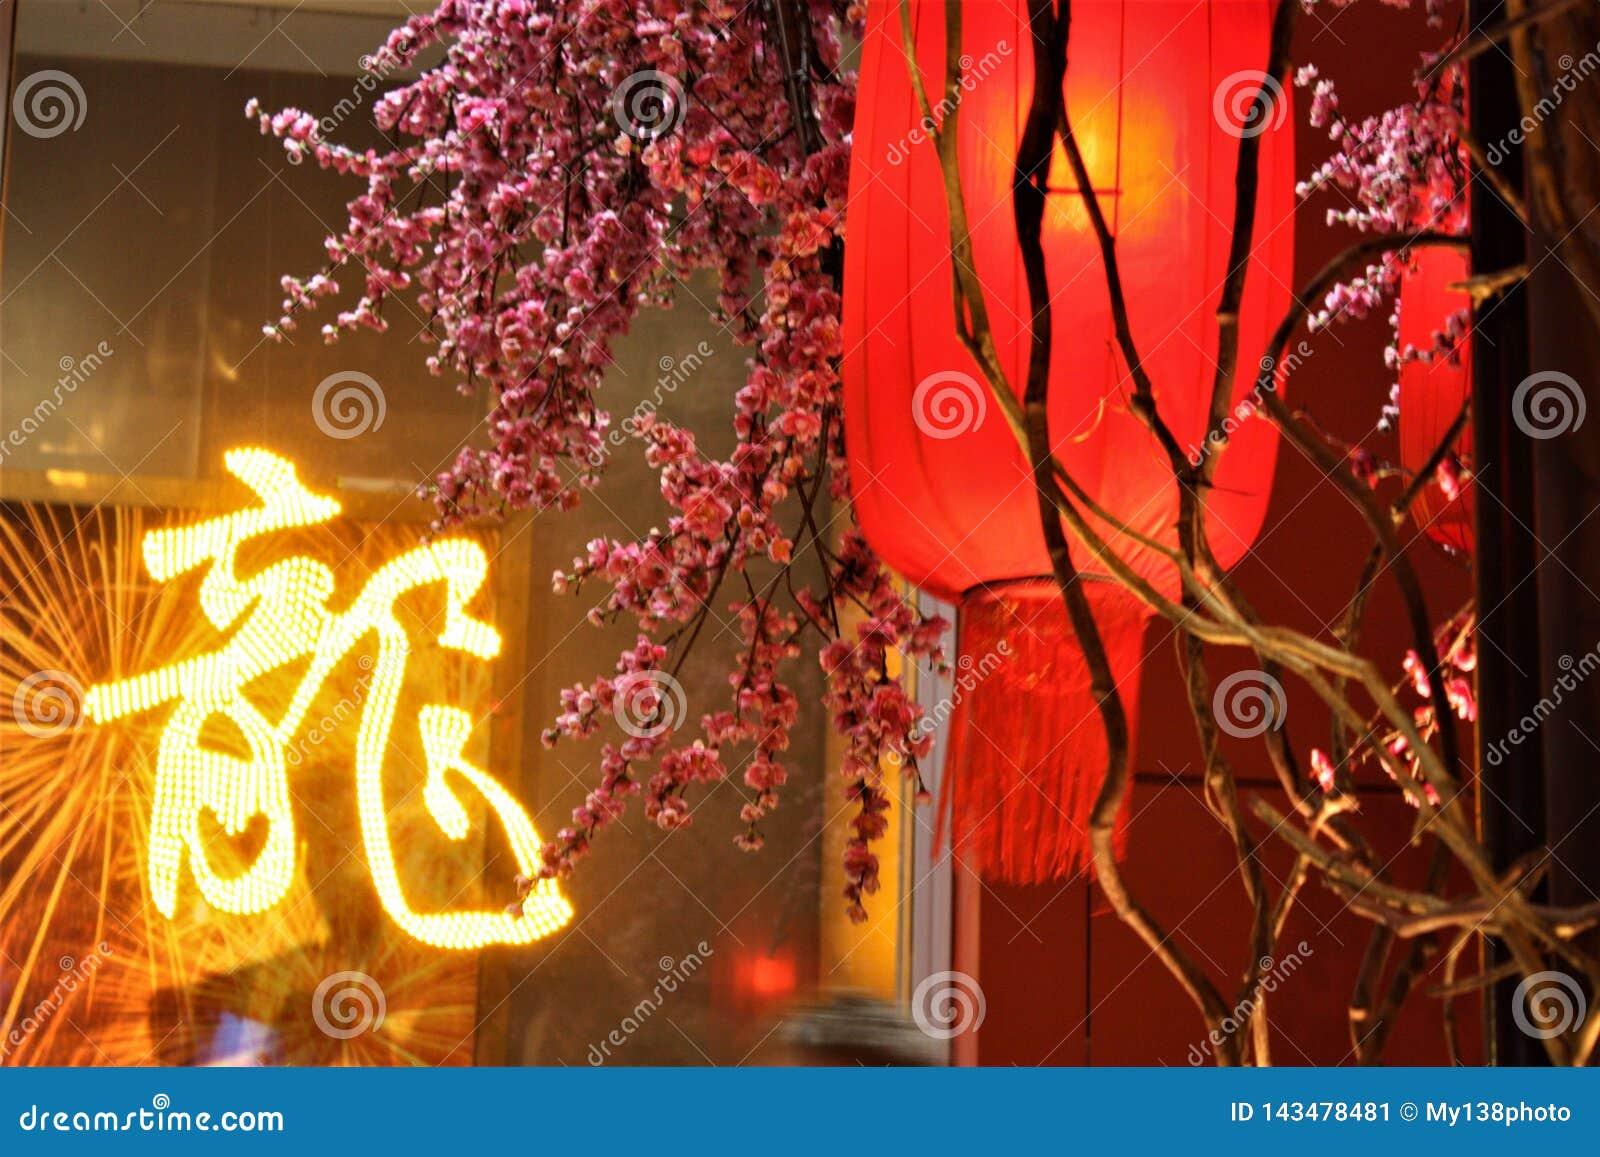 有李子开花的农历新年红色灯笼在购物中心